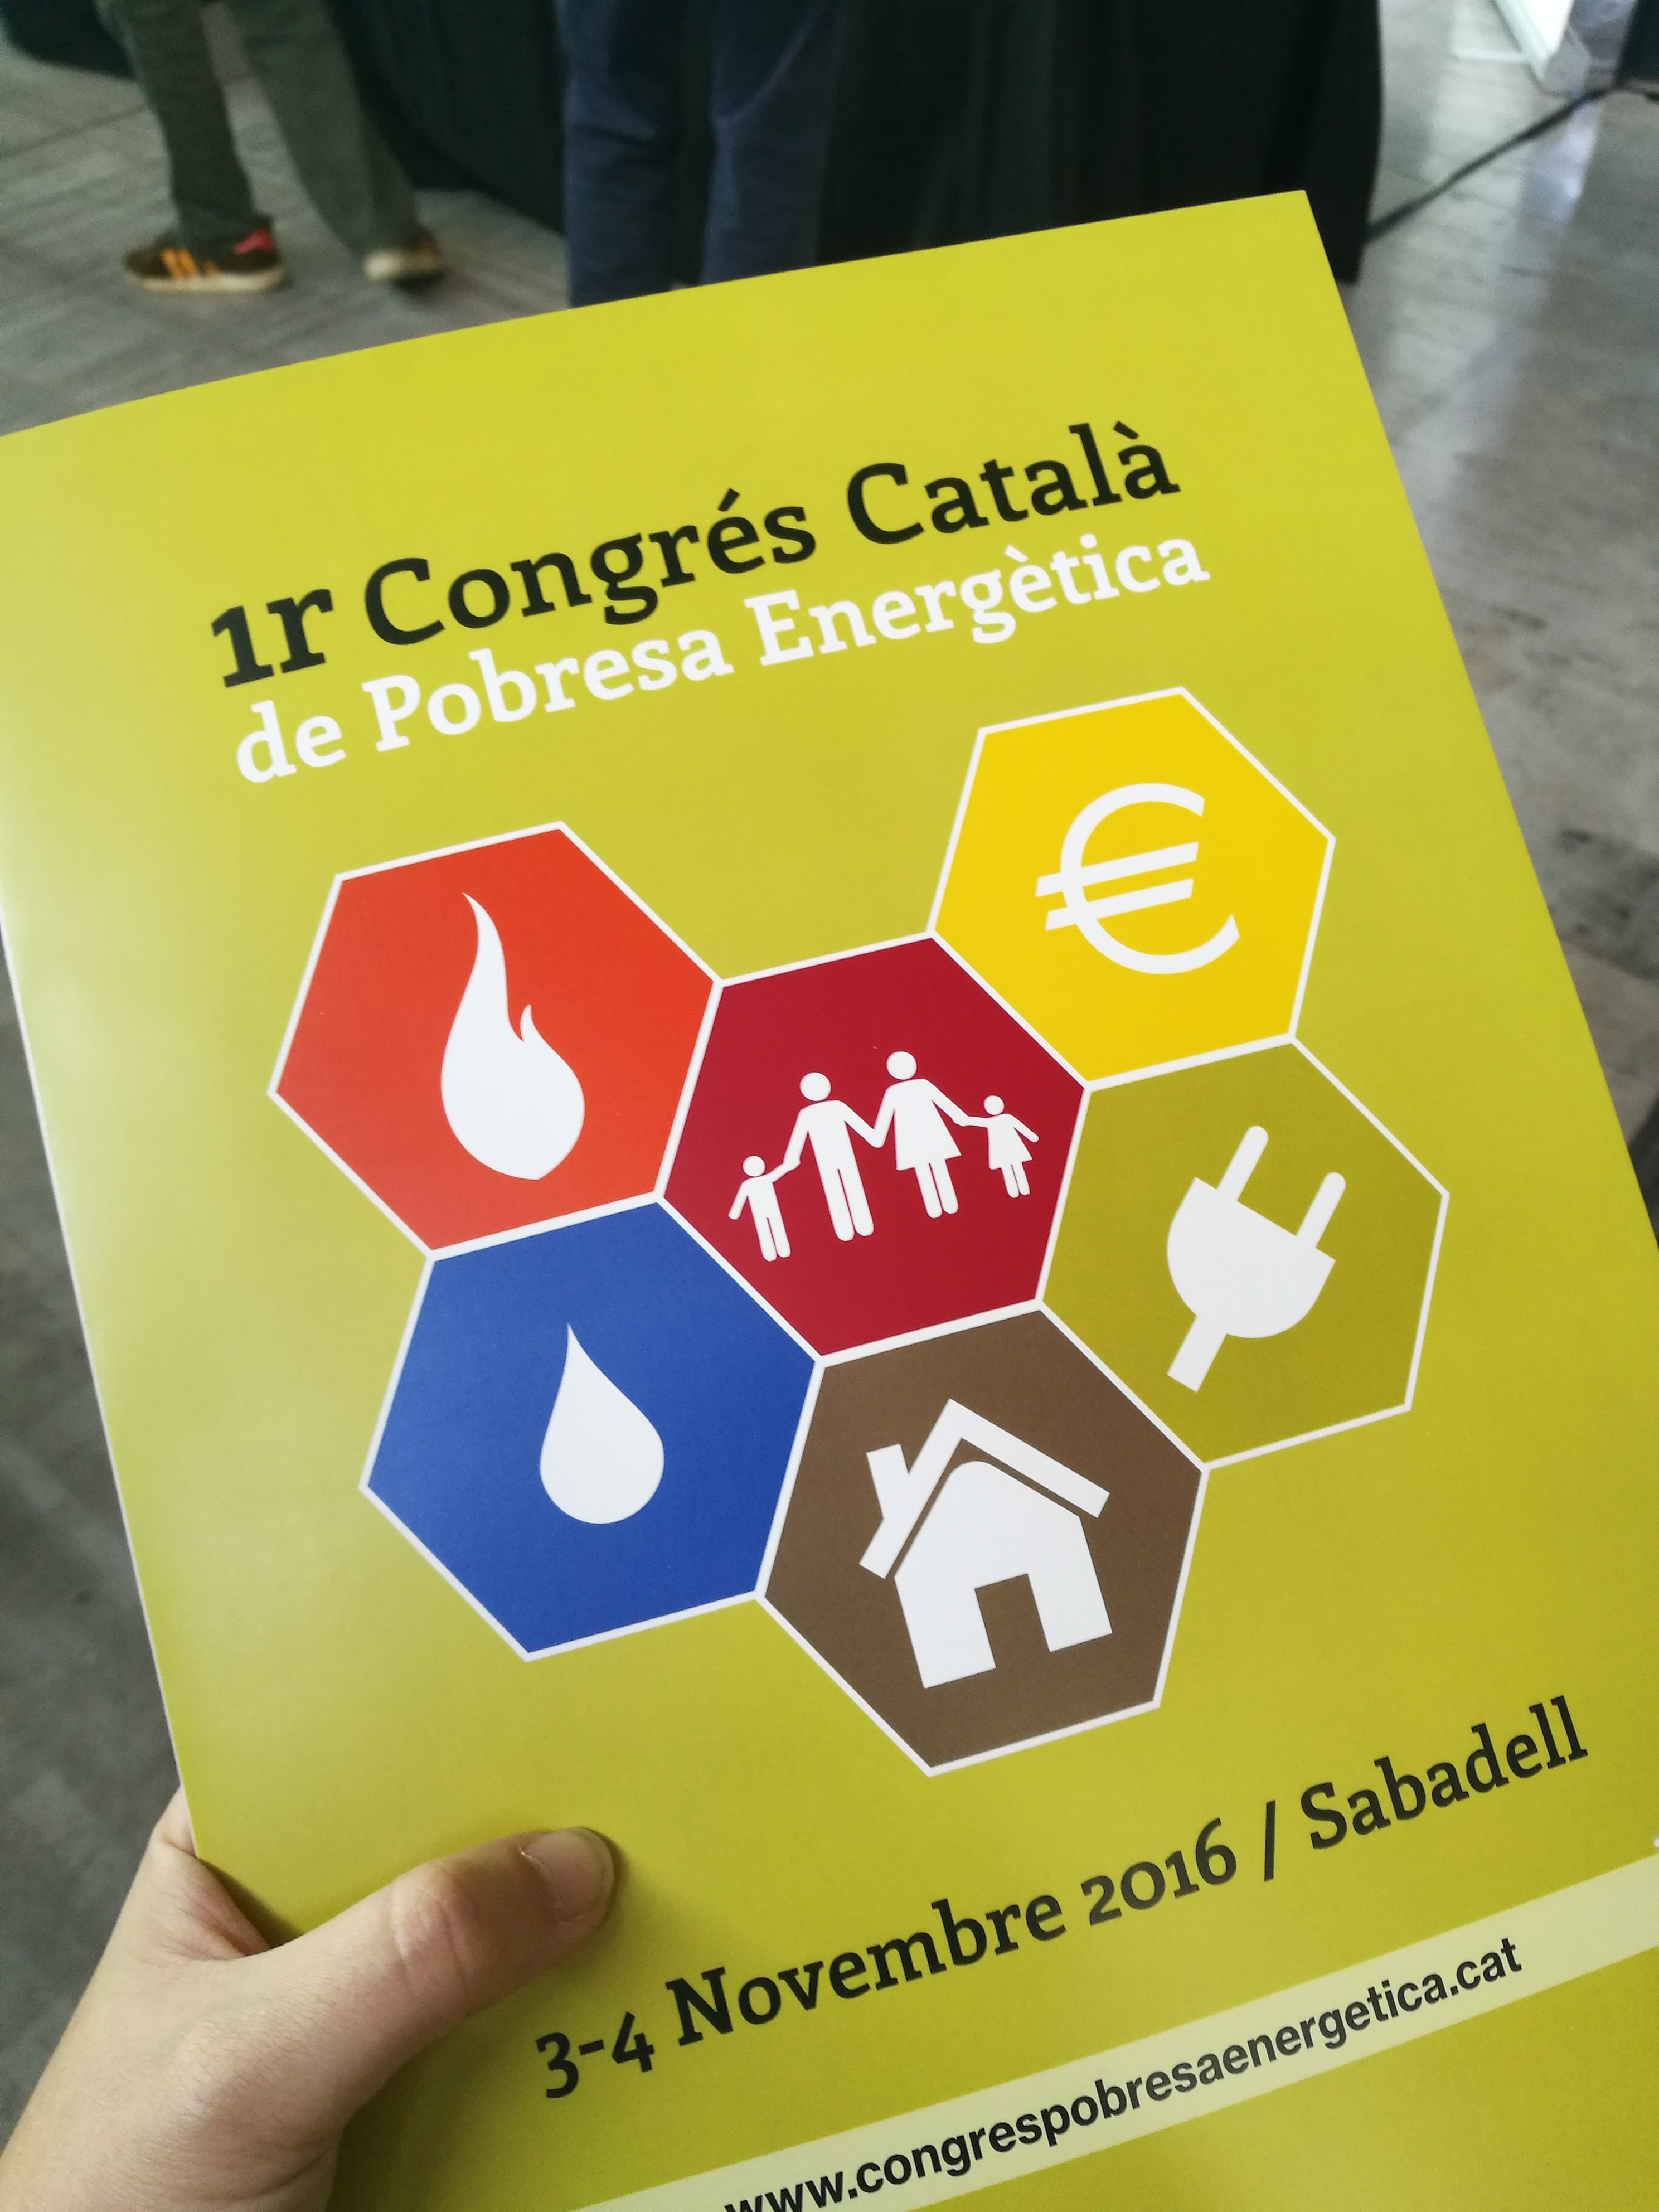 I Congreso de pobreza energética en Catalunya